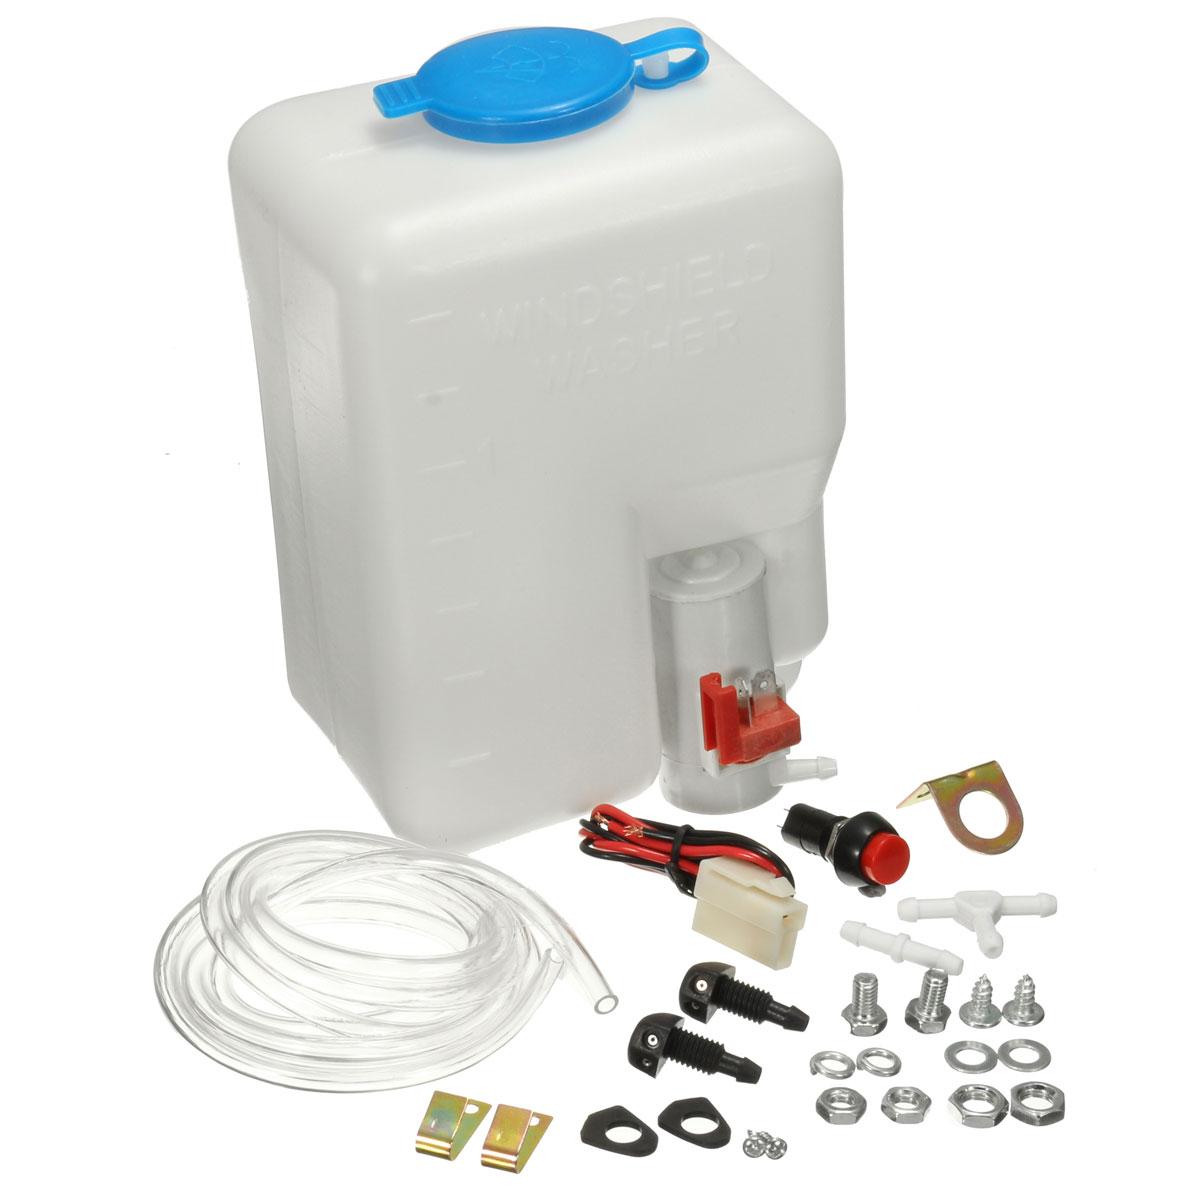 12V универсальный автомобильный набор для мытья лобового стекла с насосом струйный кнопочный переключатель 160186